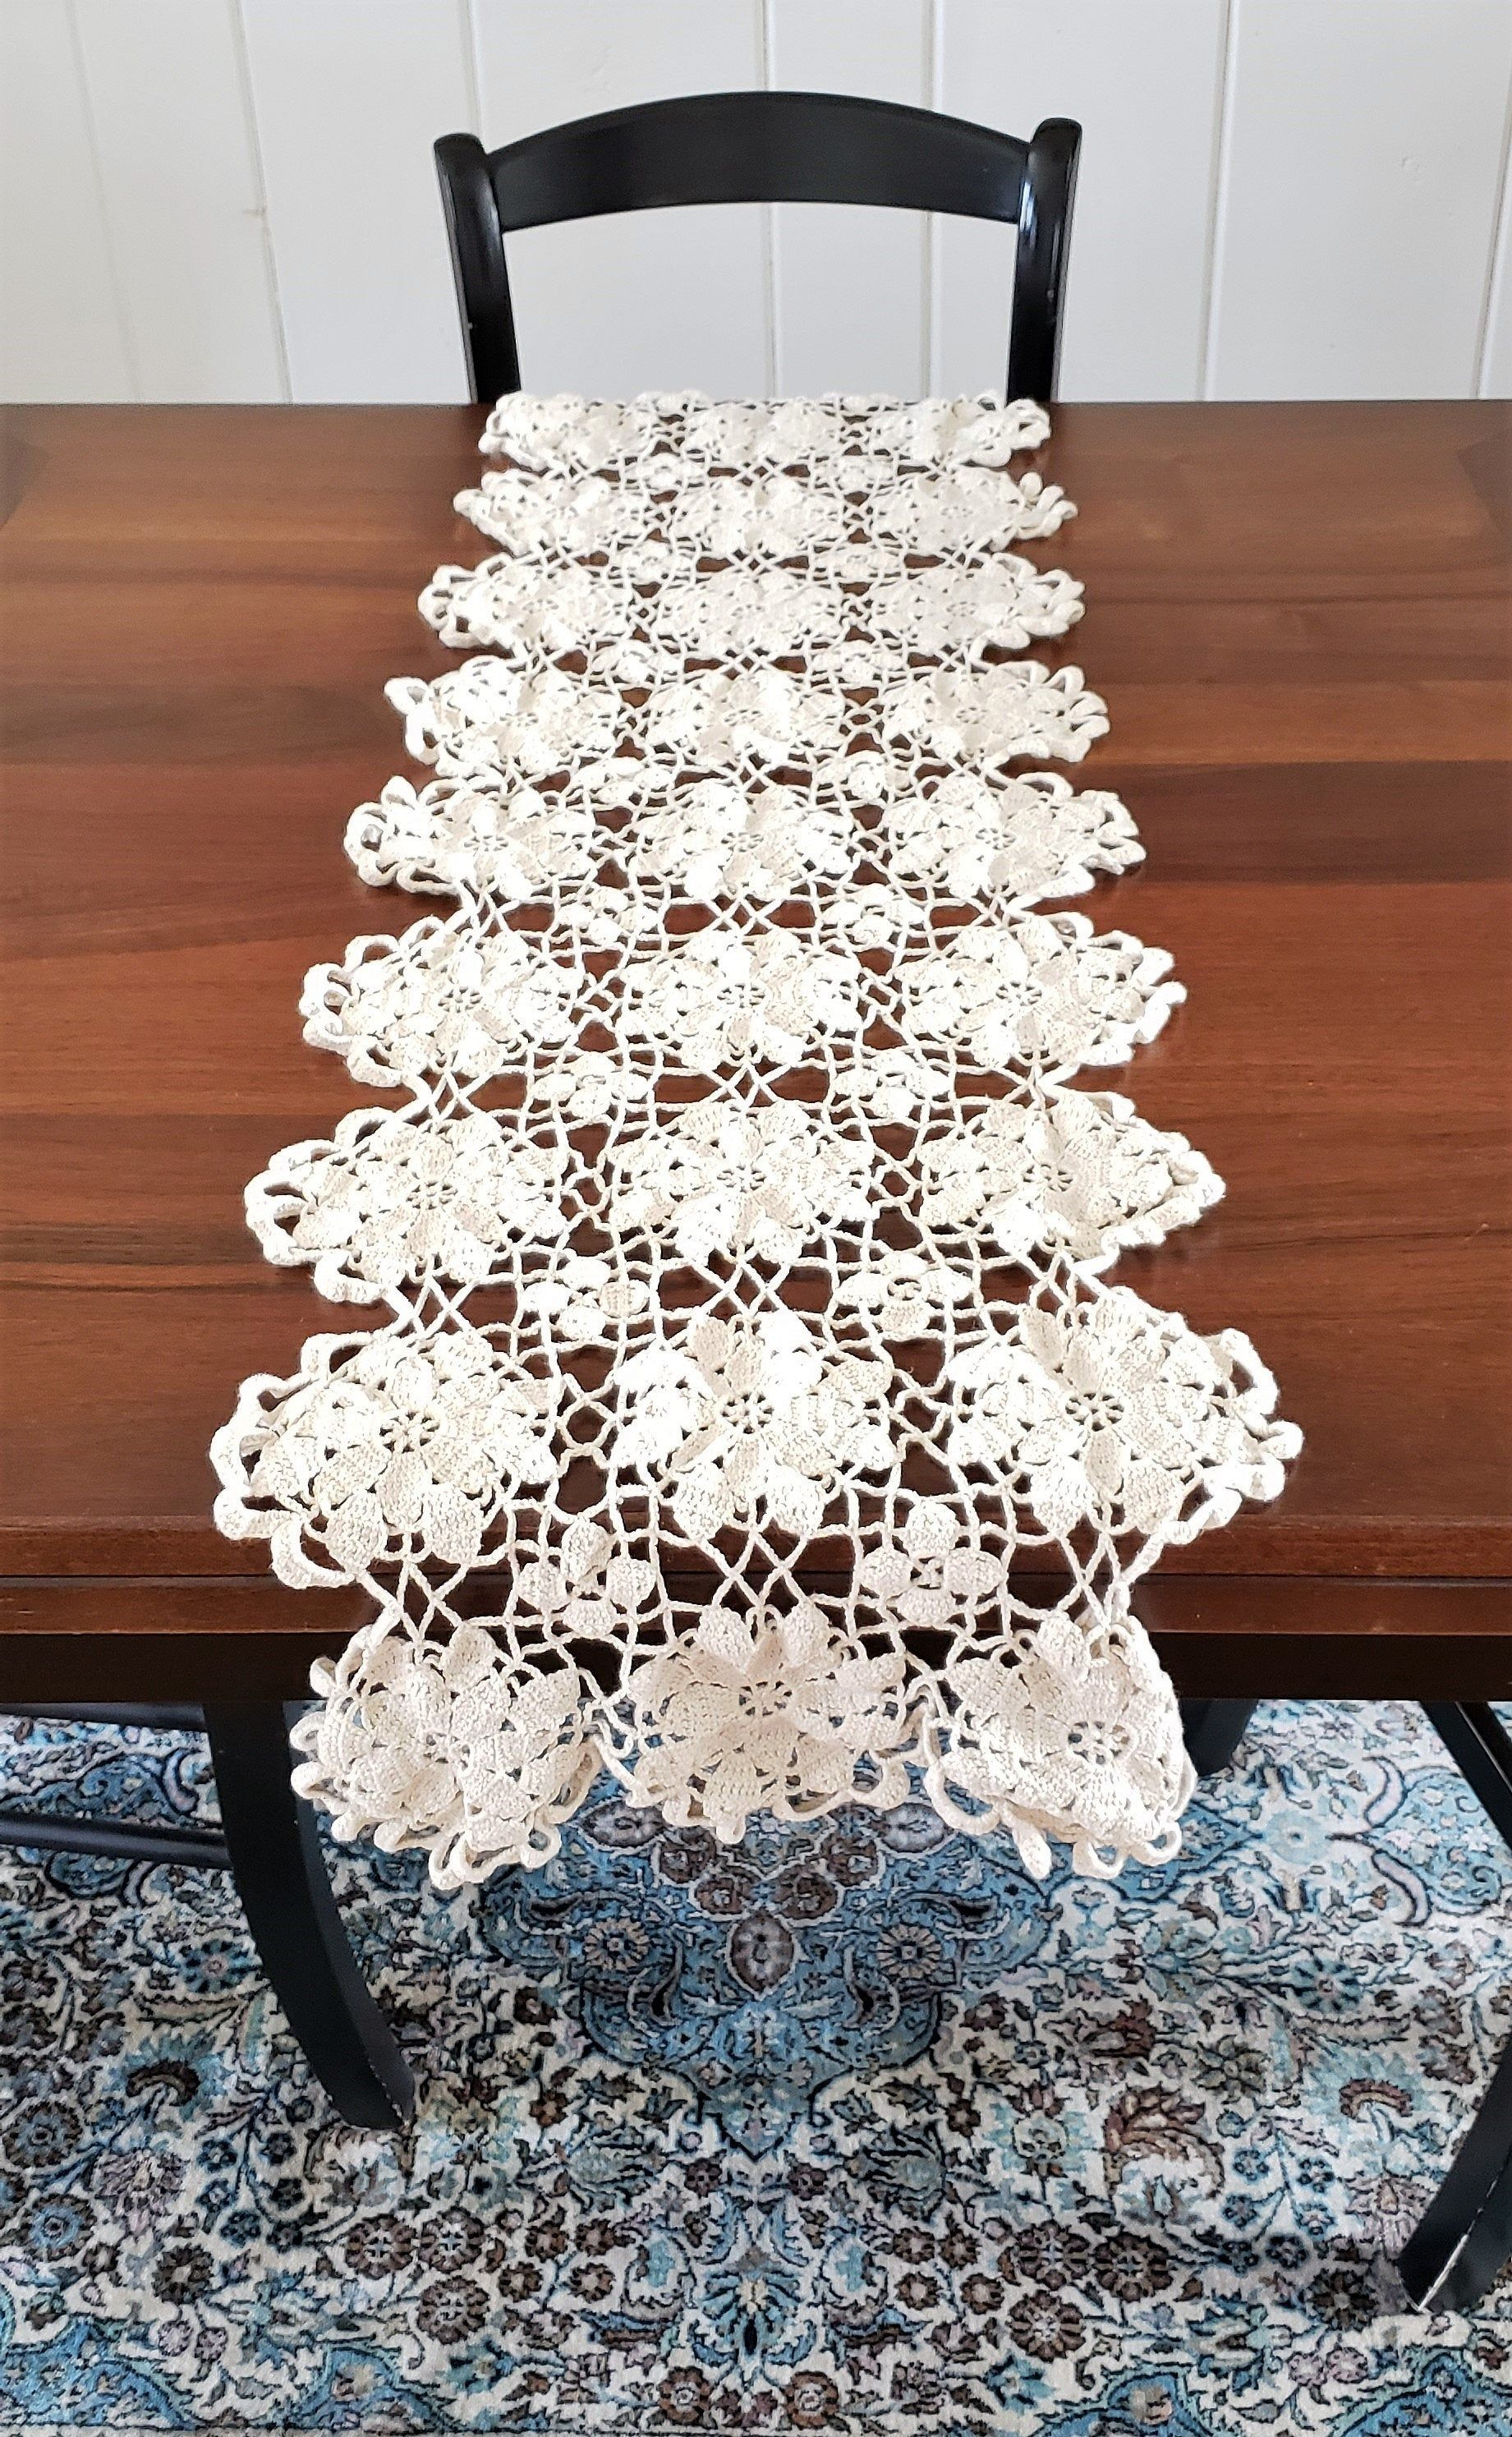 Boho Crochet Vintage Table Runner In 2020 Vintage Table Runner